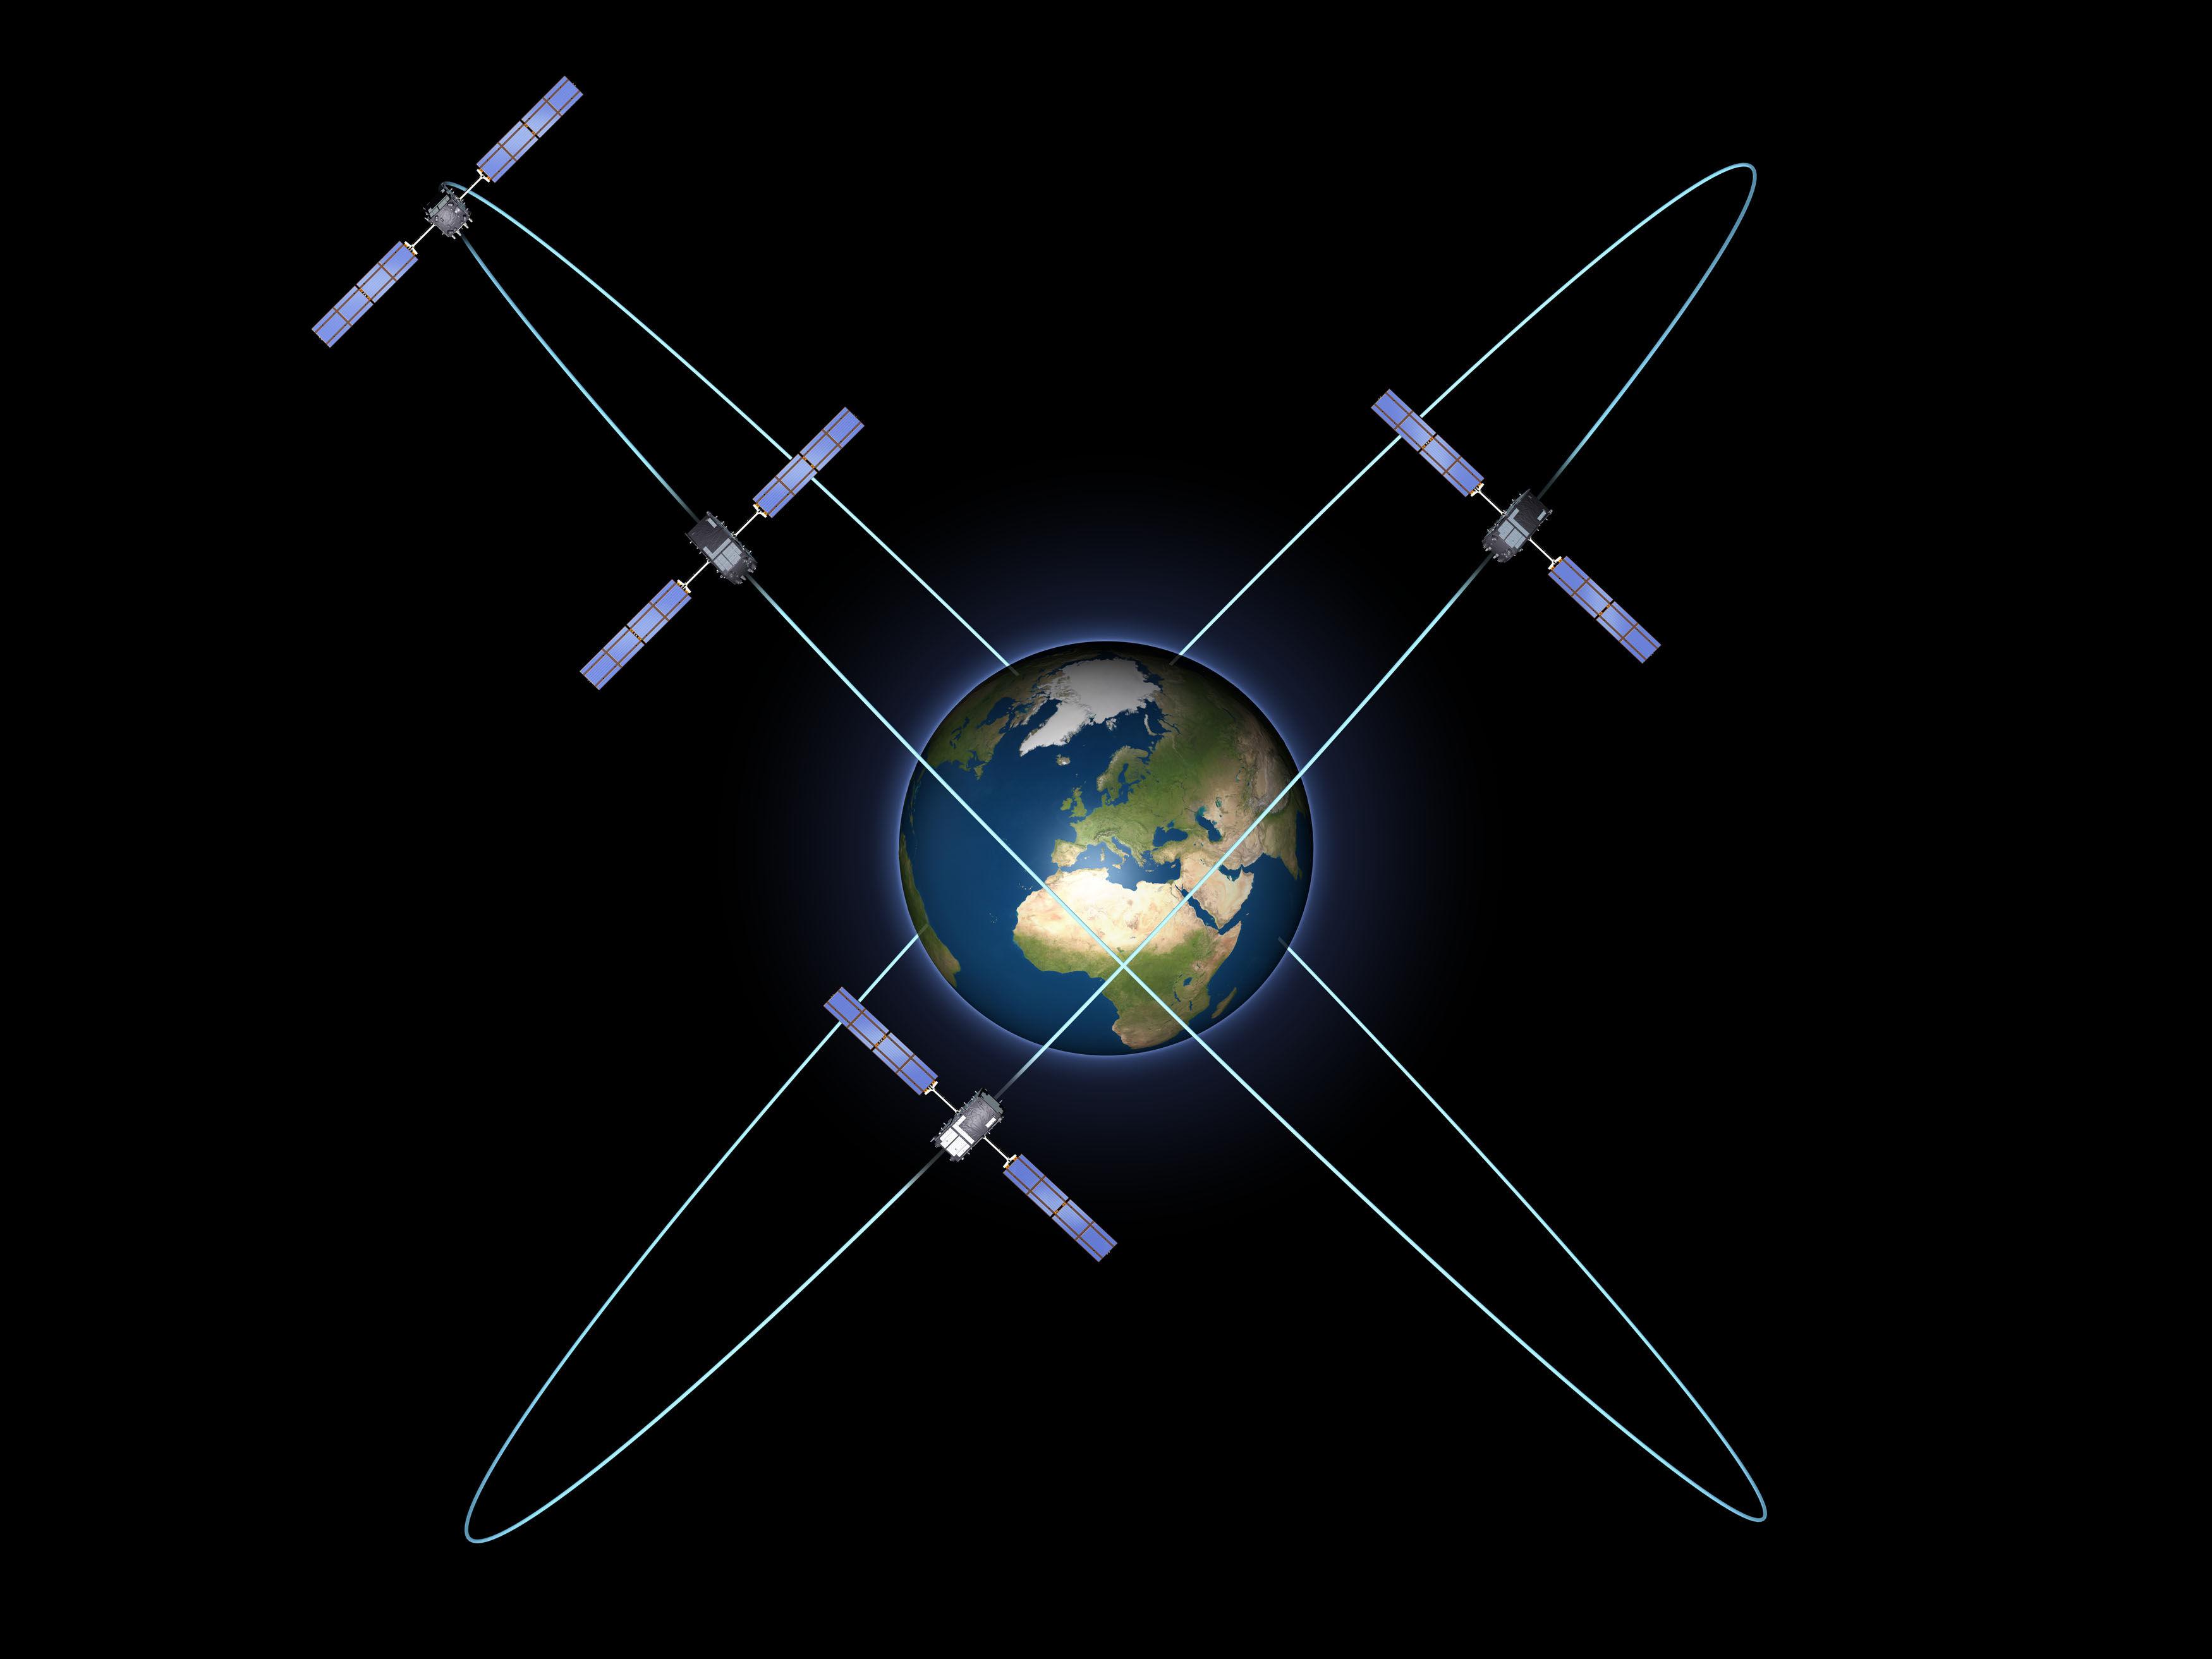 Система спутников Galileo успешно прошла испытания на орбите